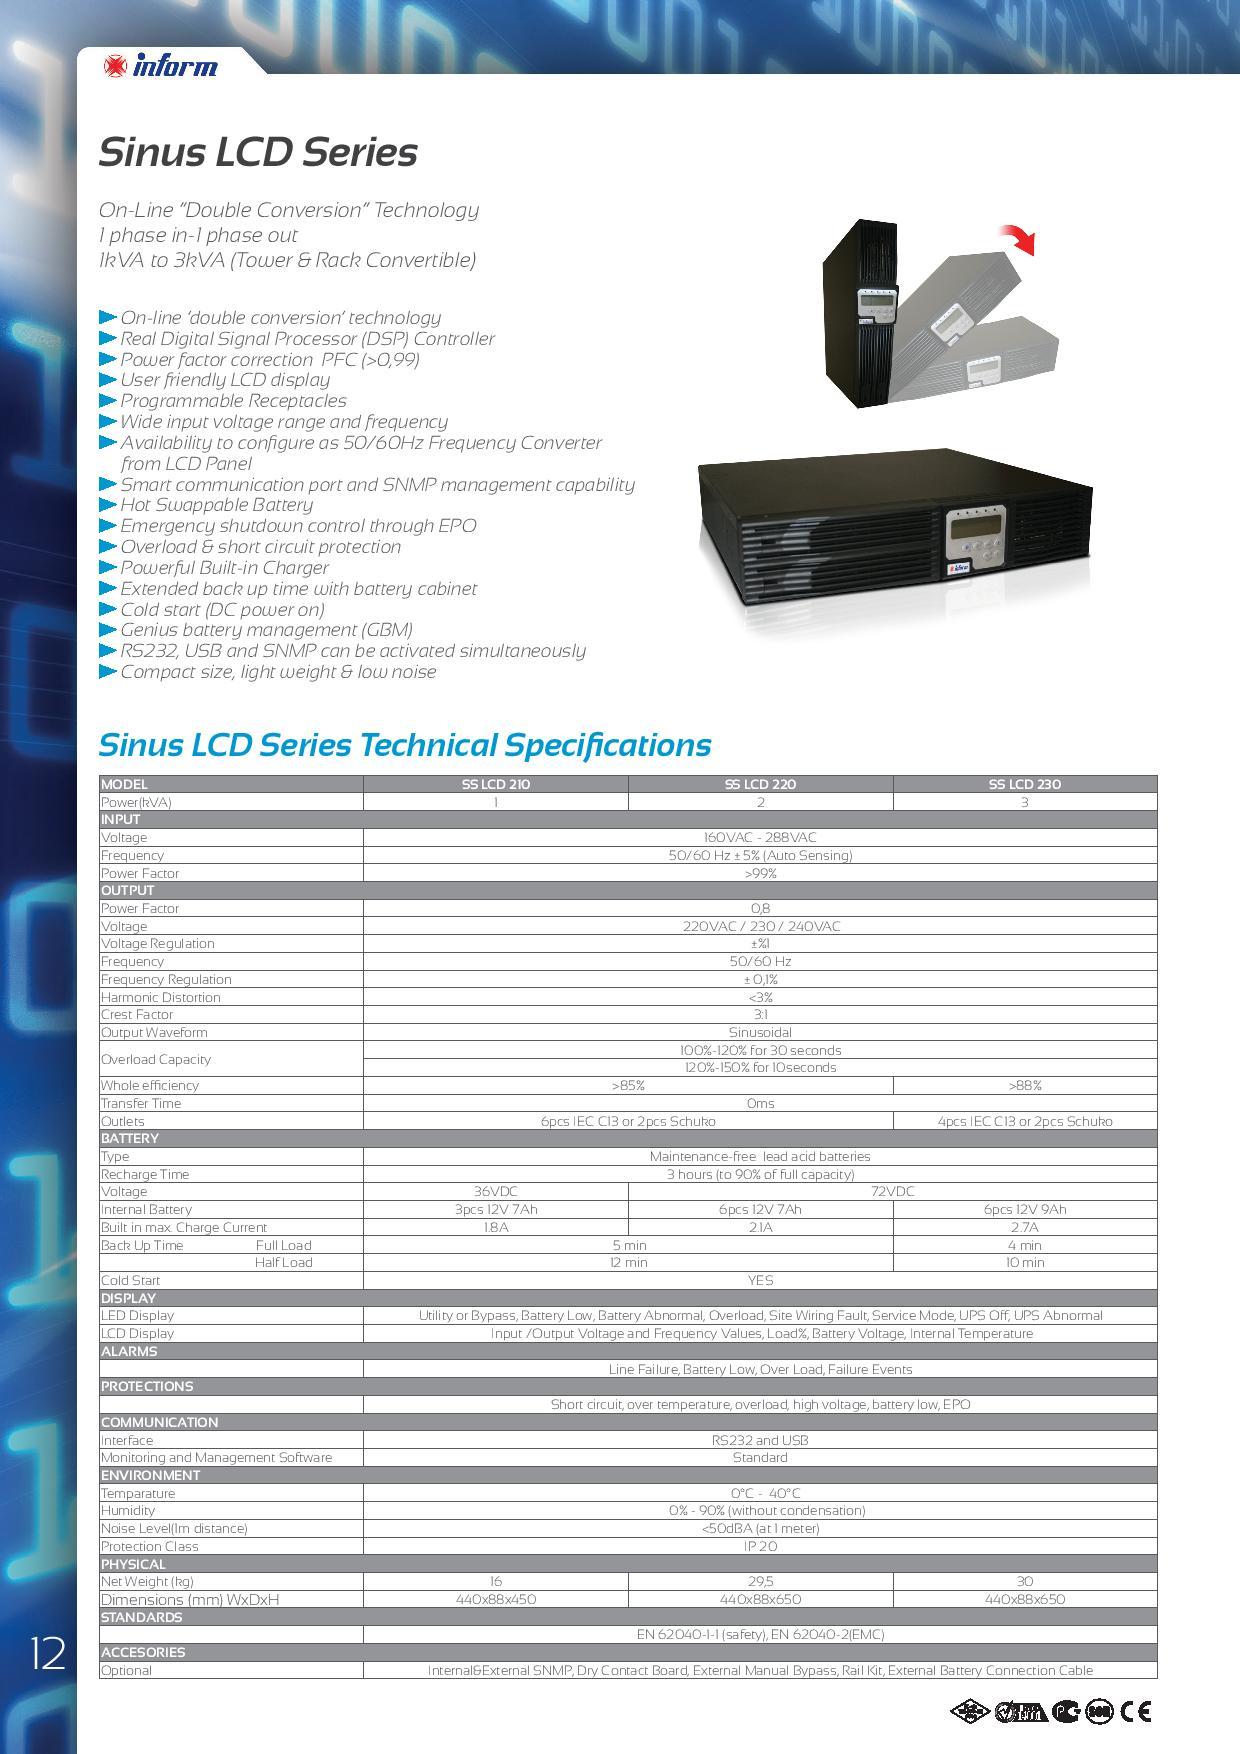 sinus-lcd-1308-page-001.jpg